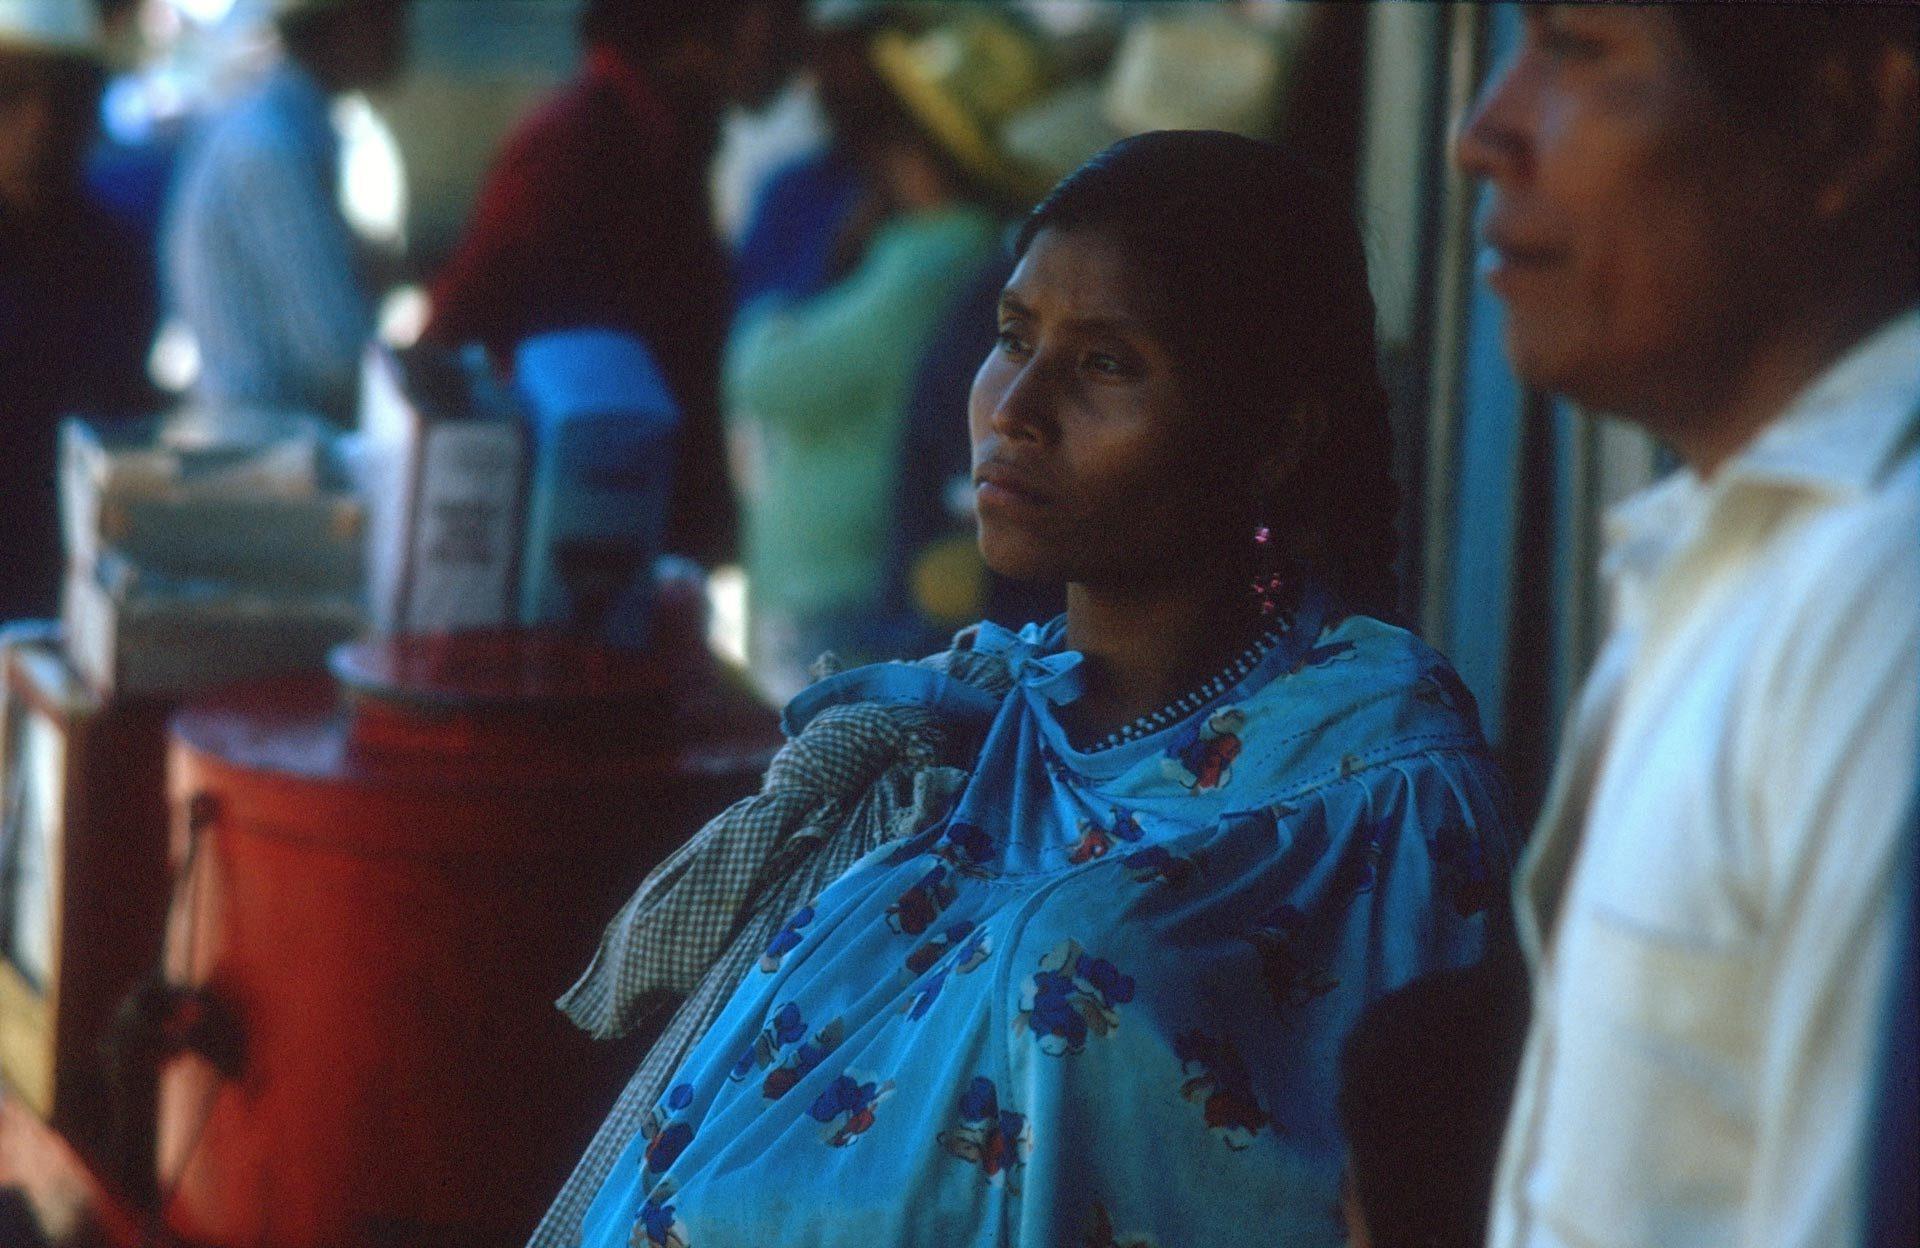 Den Sohn an der Hand und Kinder  im Tragetuch, wartet diese Maya Familie auf den Bus – The son by the hand and children in the sling, this Maya family is waiting for the bus